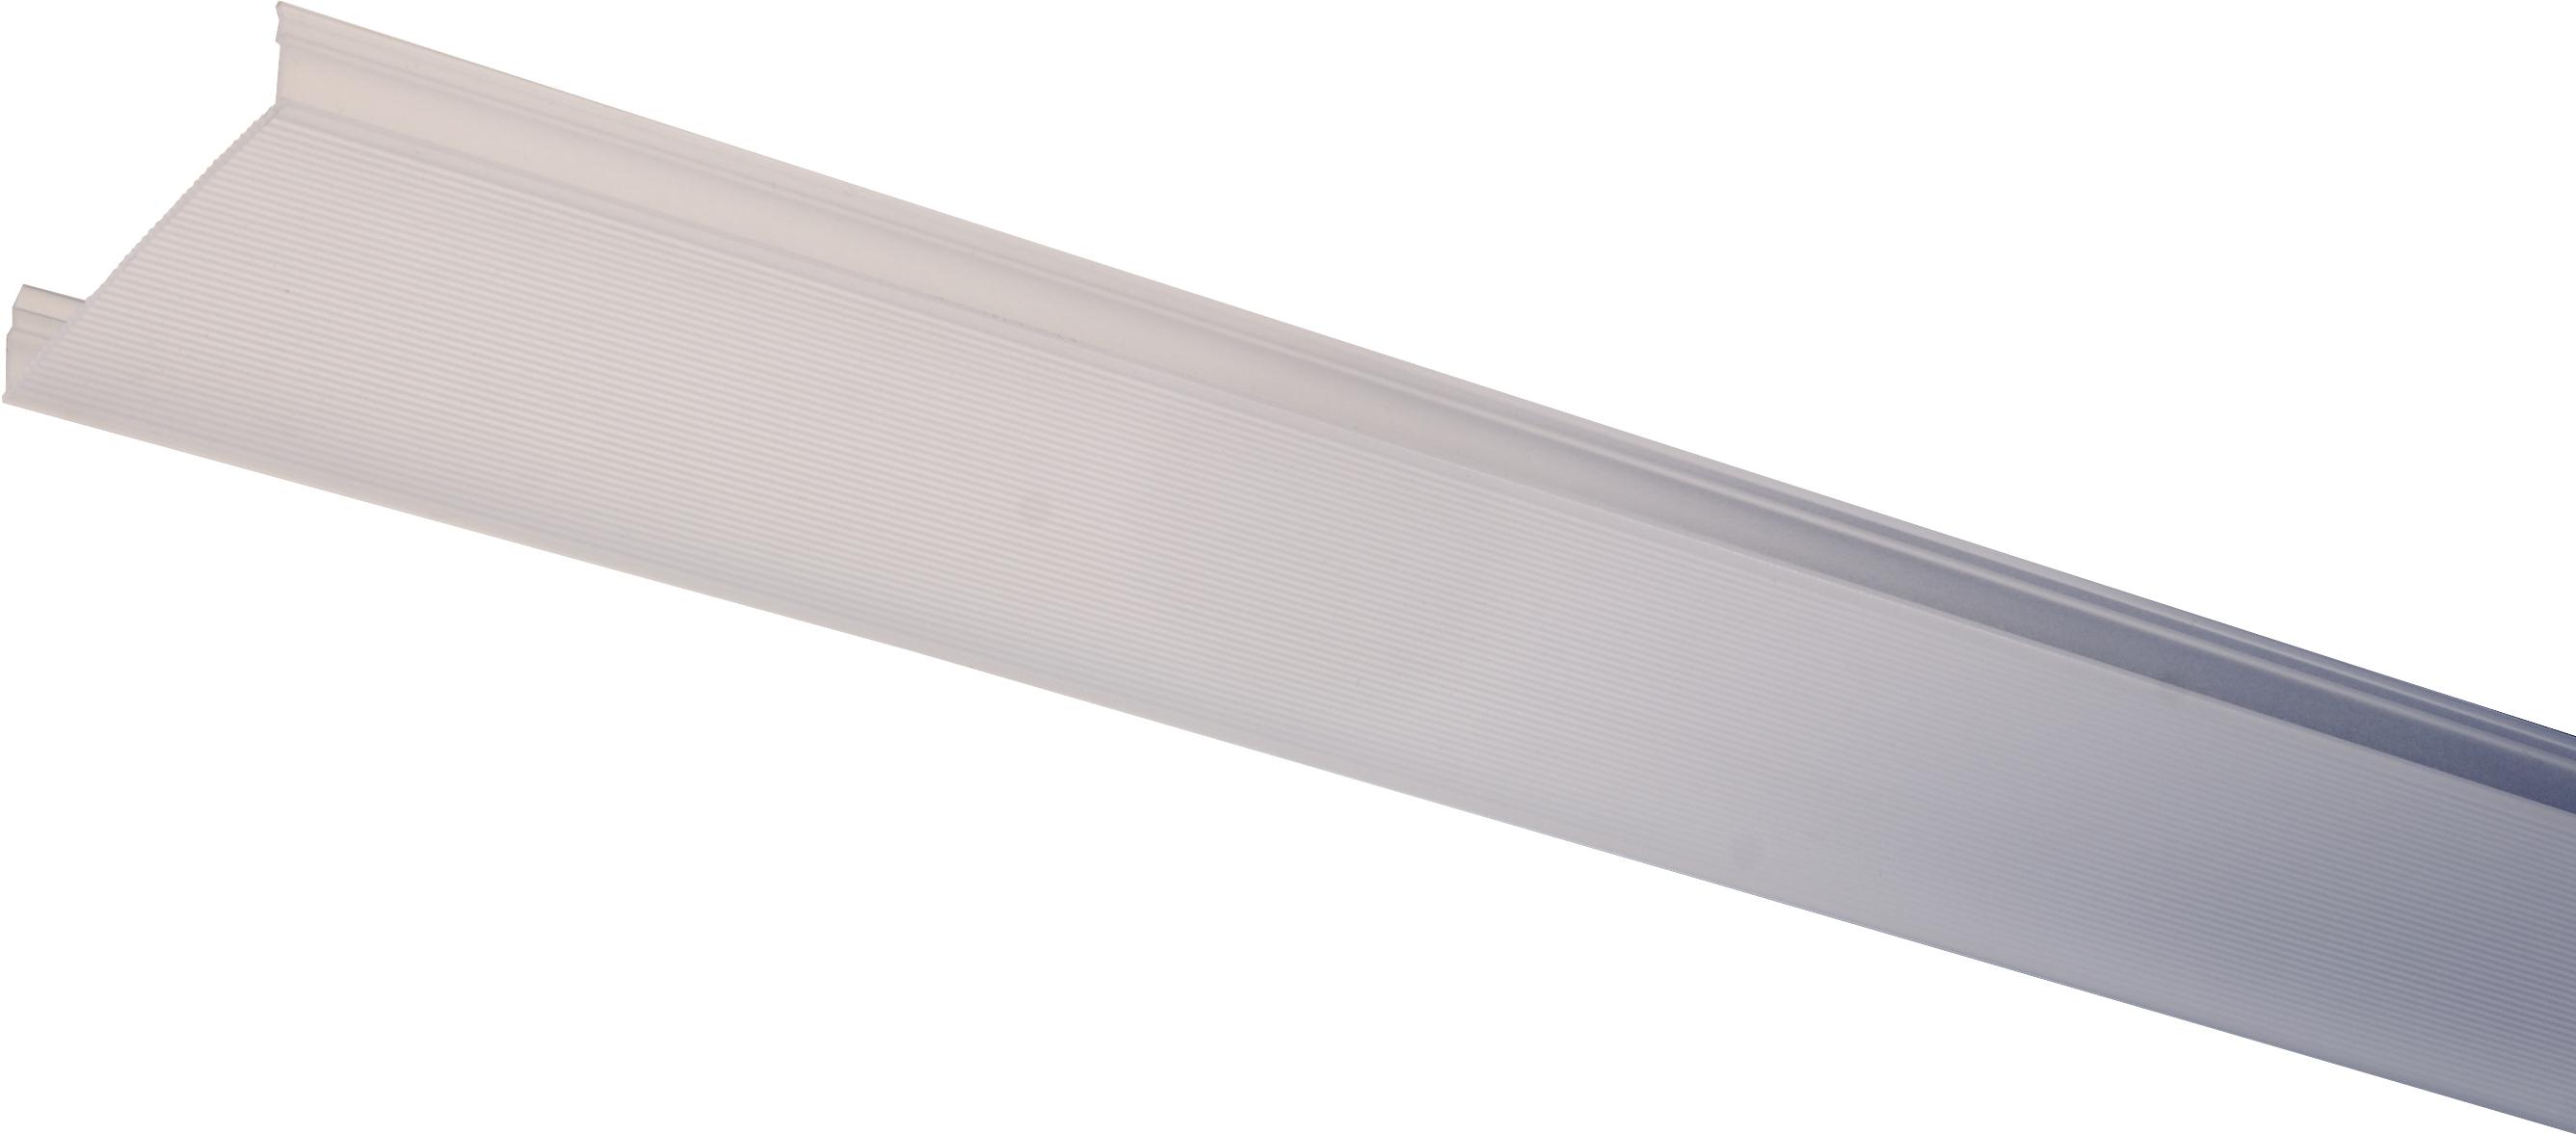 1 Stk LINEA-80M Polykarbonatabdeckung Satine mit Rillen l=2969mm LI35000201